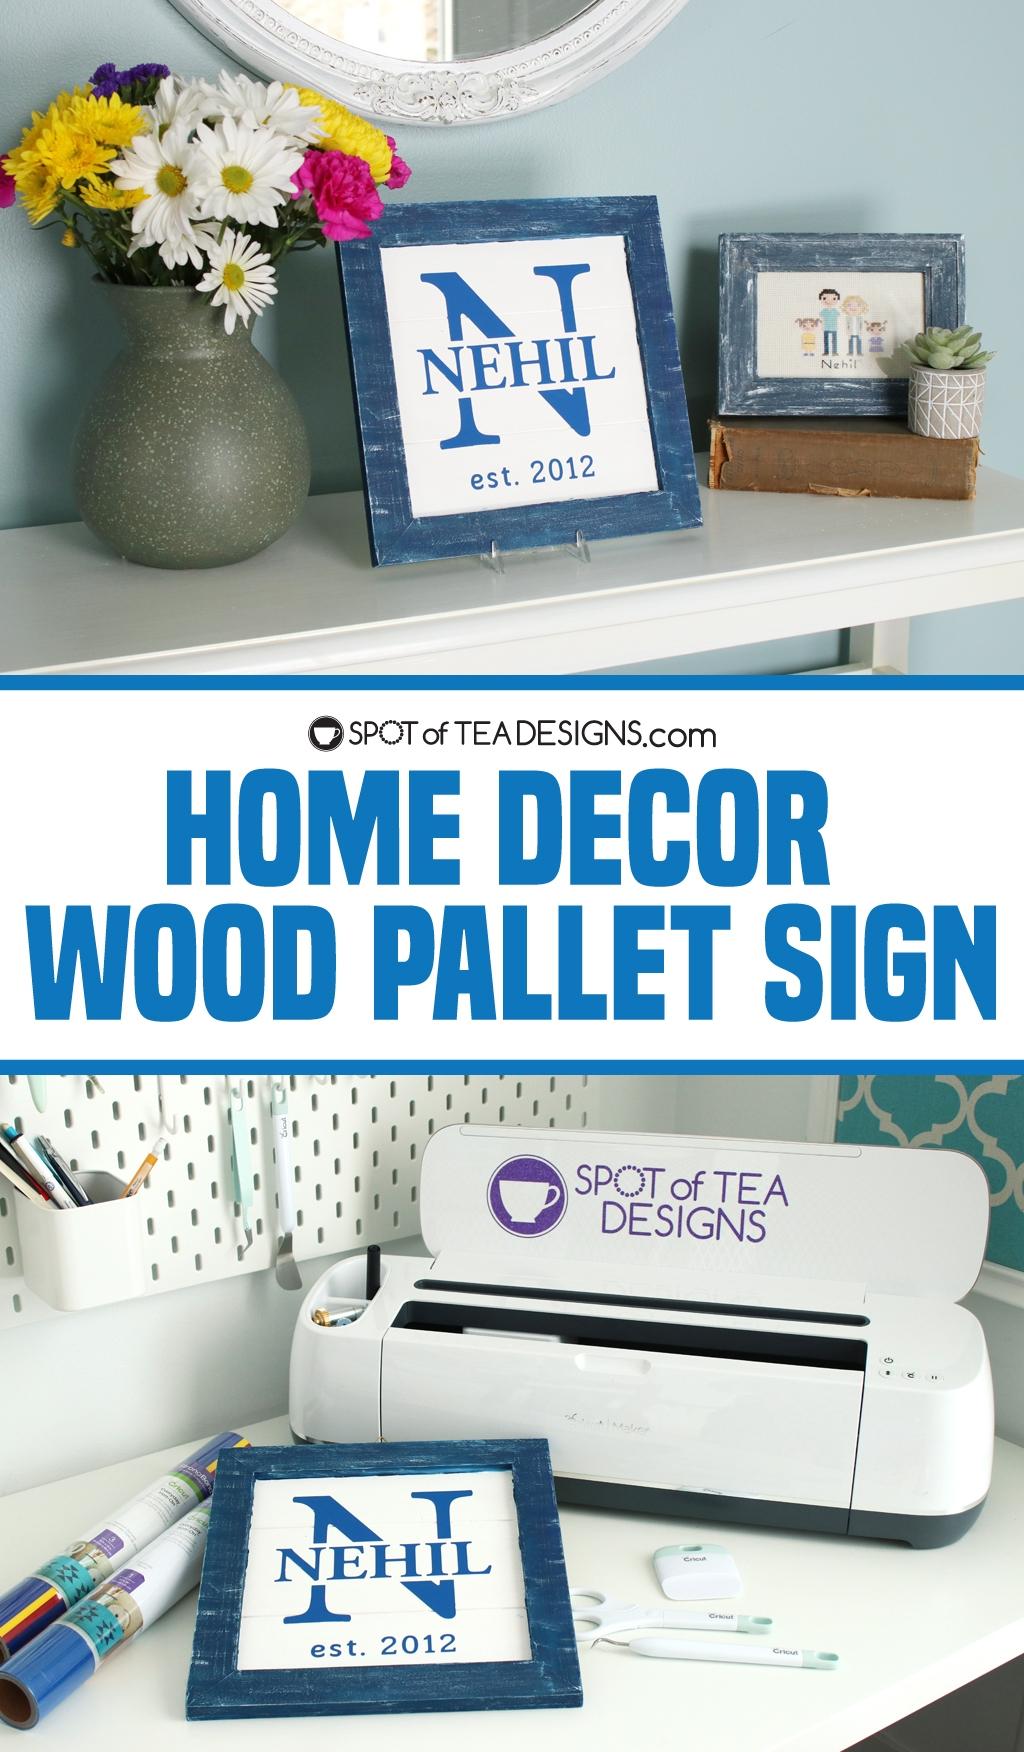 Wood Home Decor Sign | spotofteadesigns.com